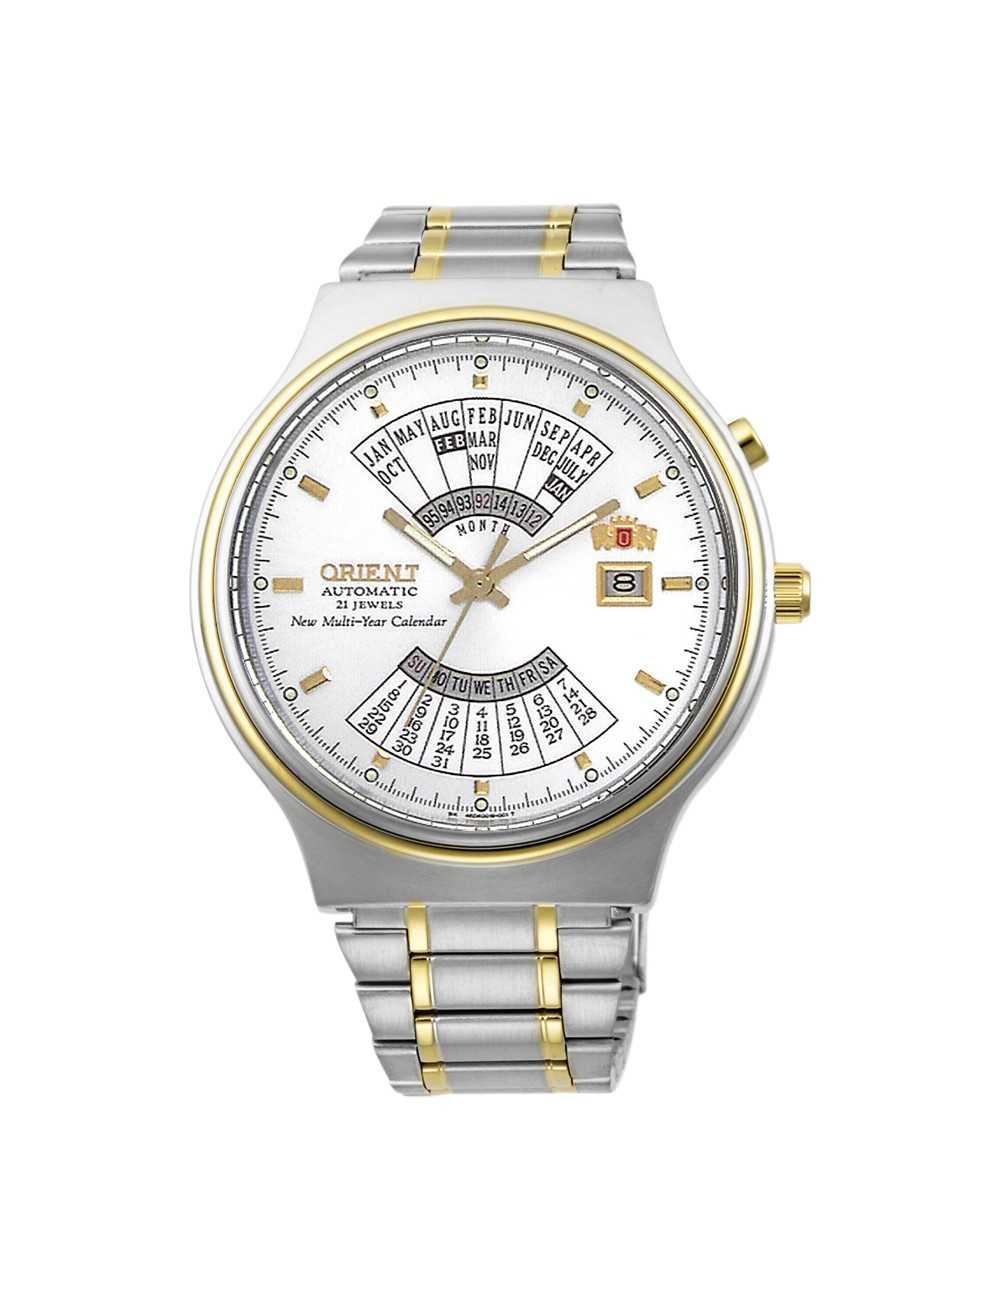 Orientálne viacročné kalendárne automatické pánske hodinky FEU00000WW